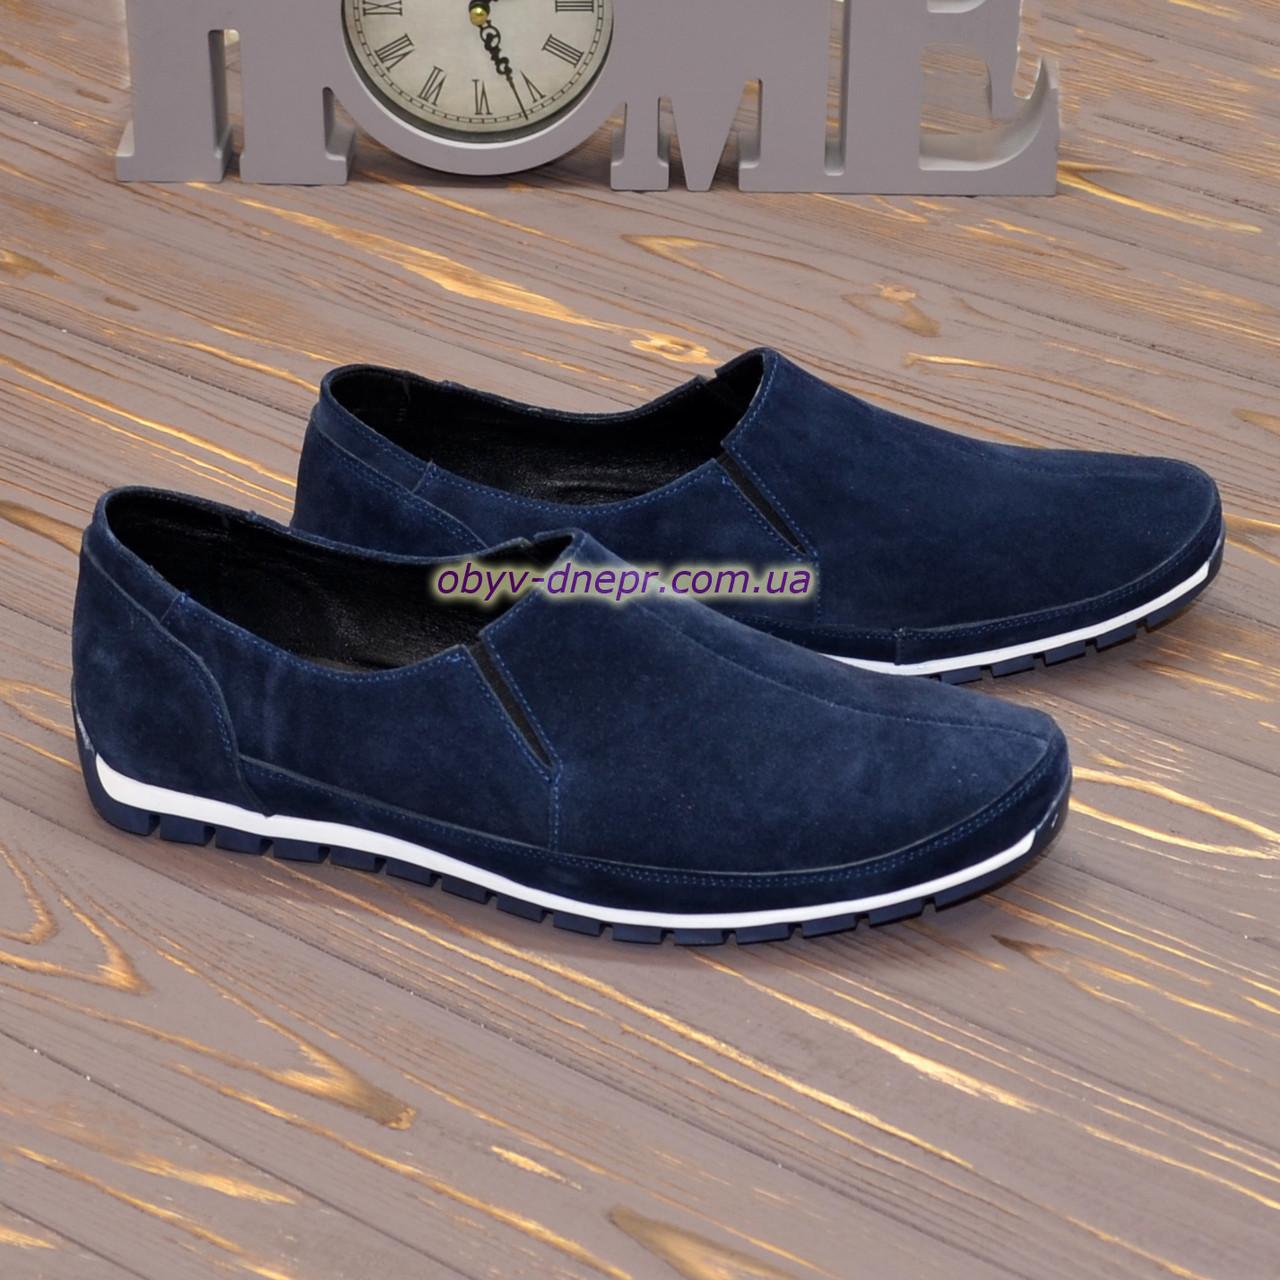 Туфли-мокасины замшевые мужские, цвет синий